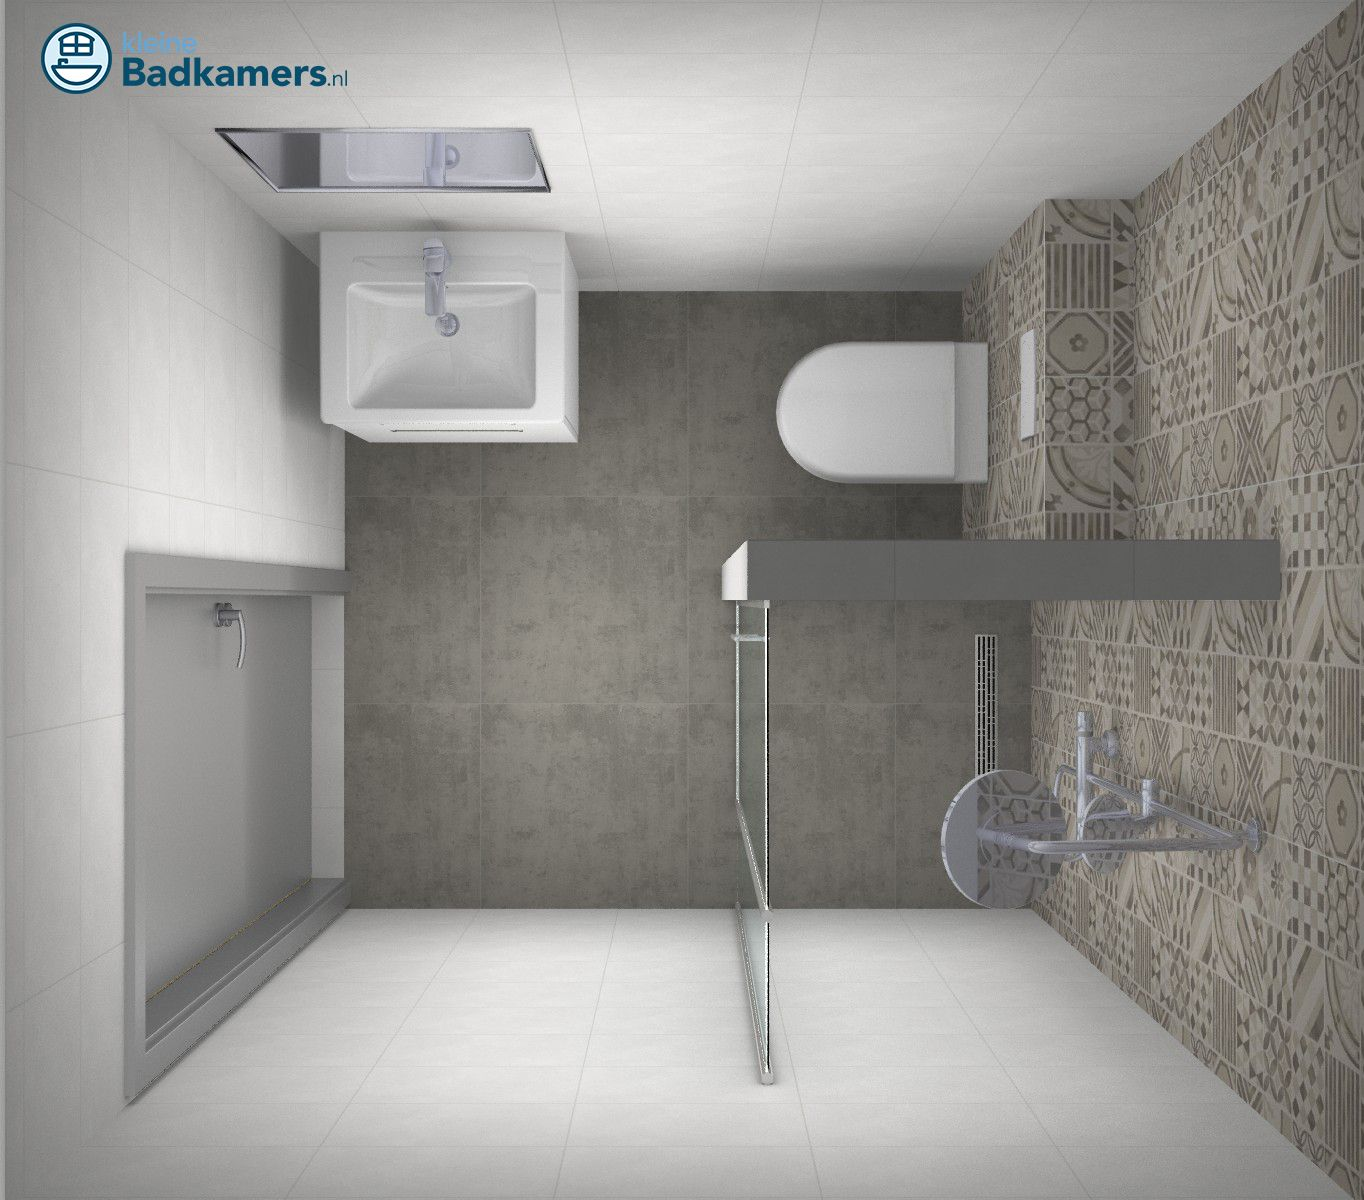 kleine badkamer met wasmachine dream house pinterest tiny